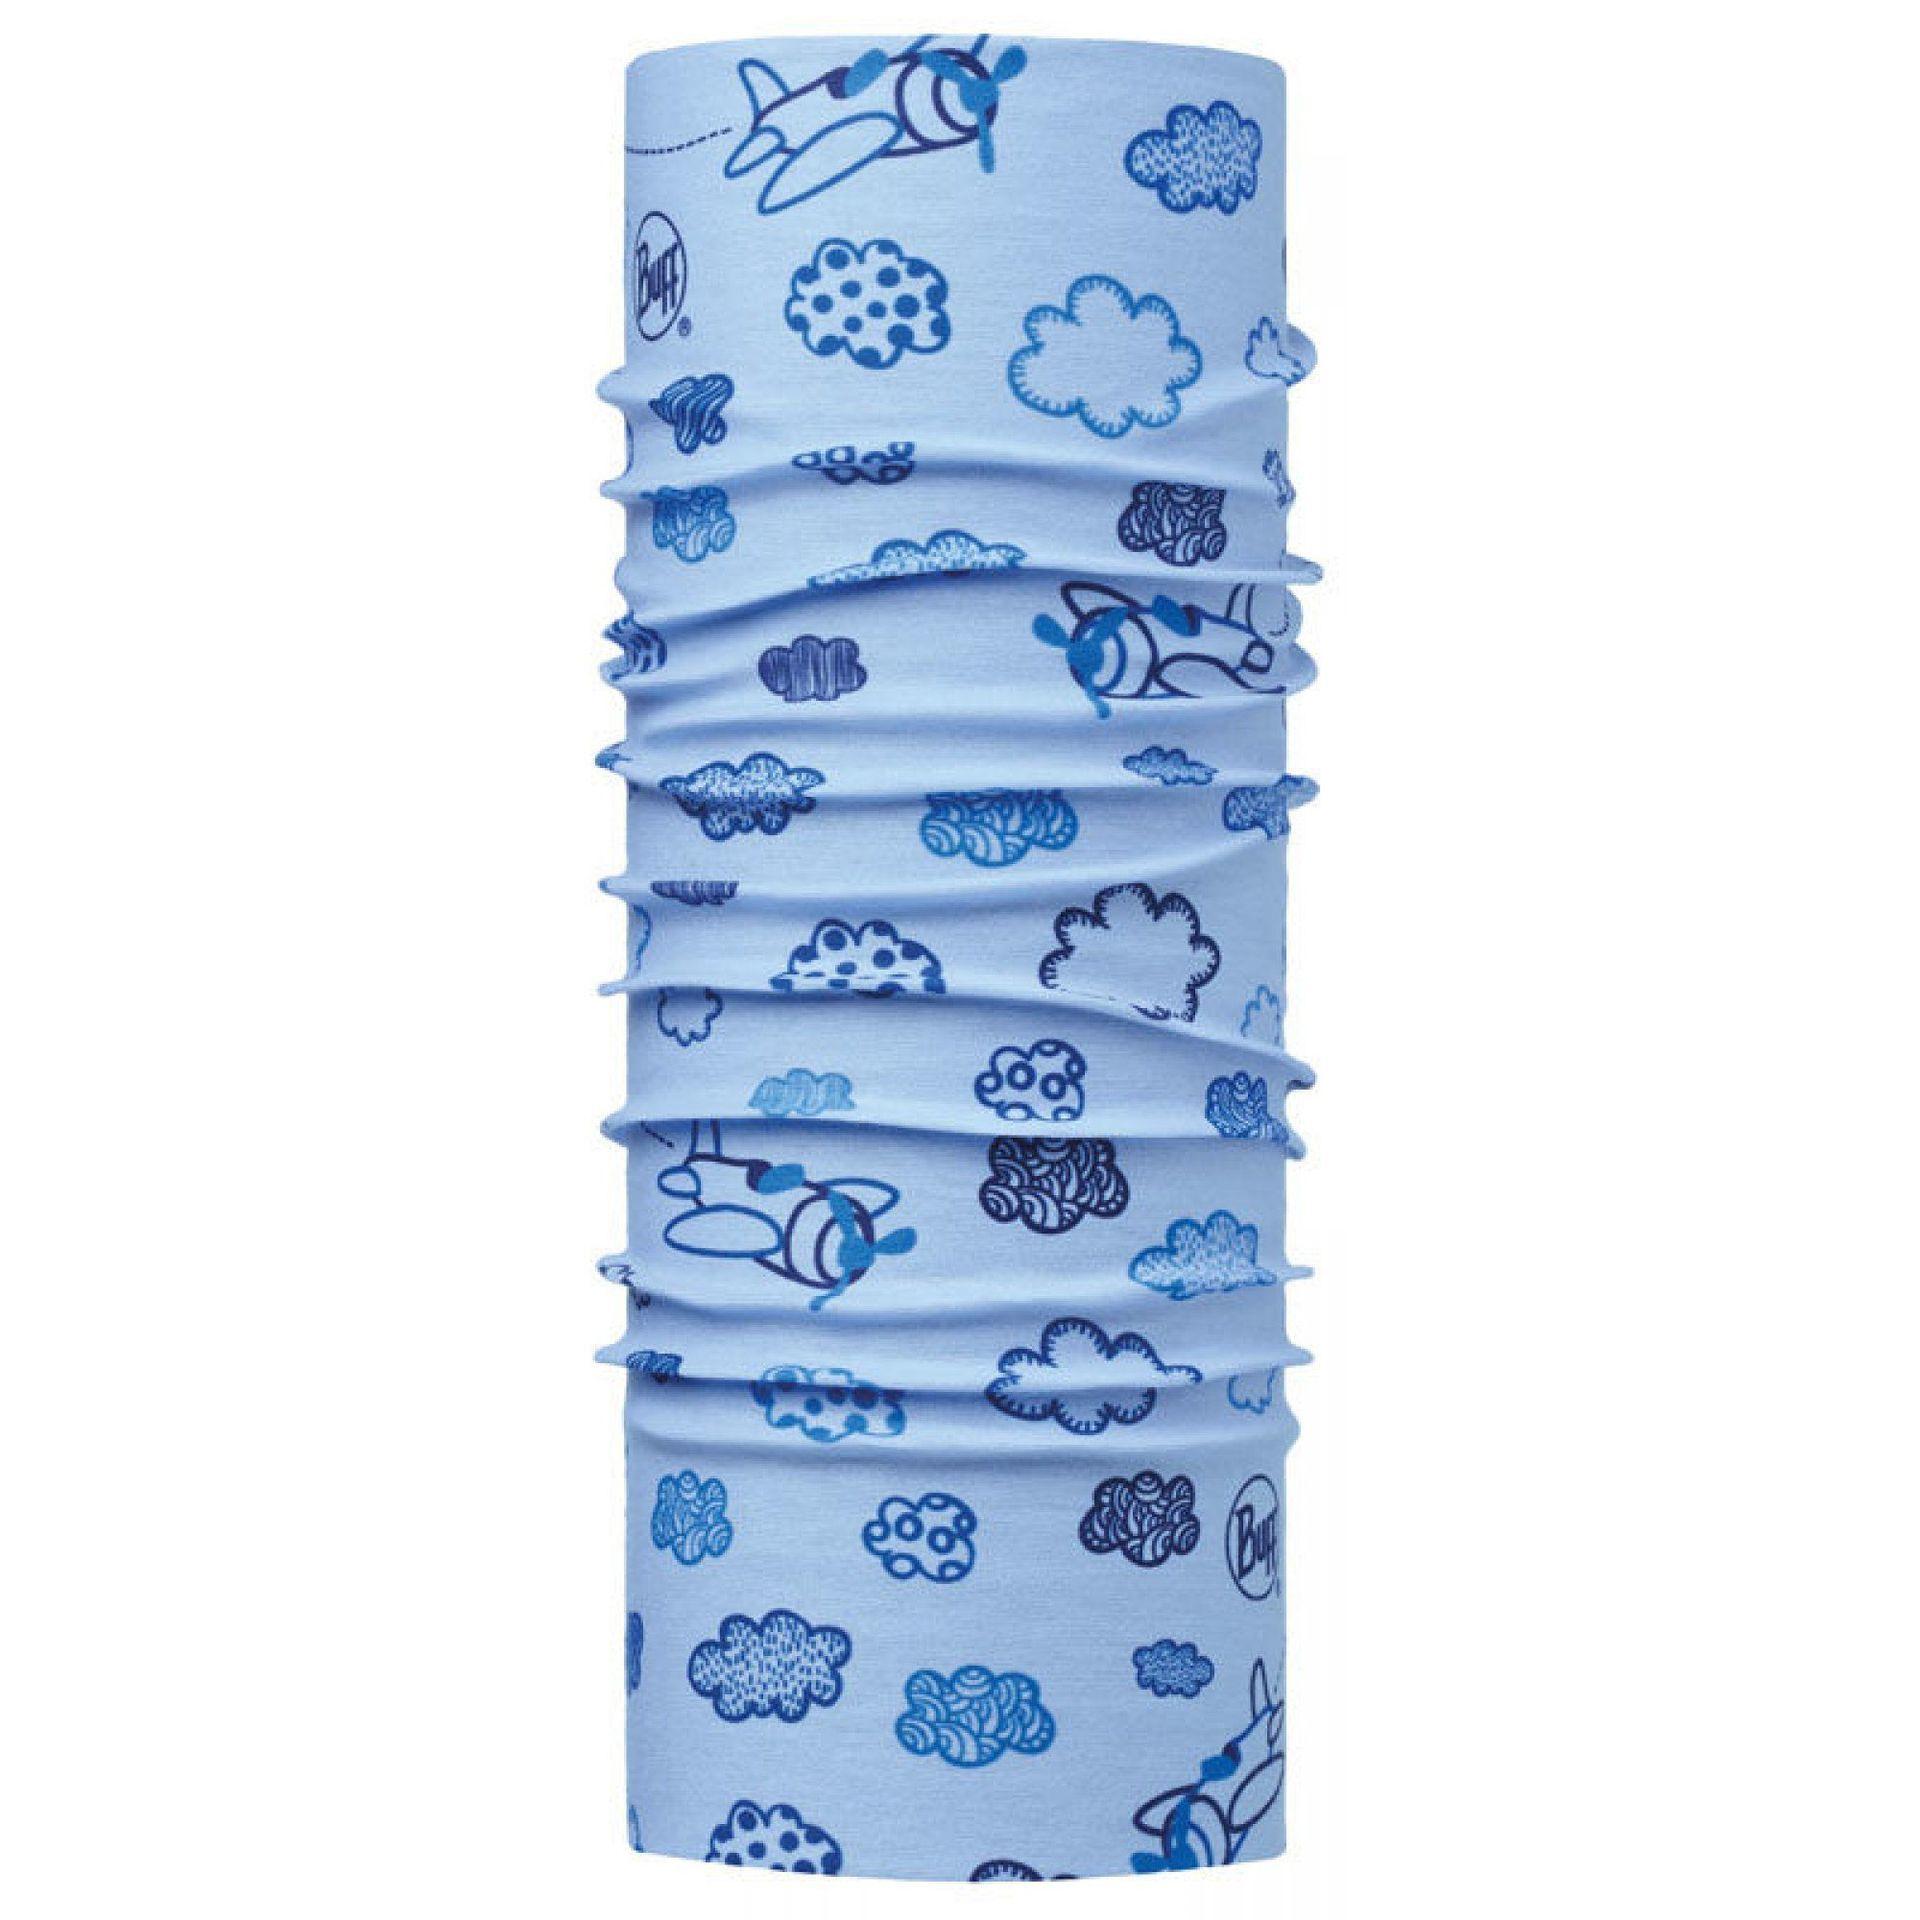 CHUSTA BUFF ORIGINAL BABY CLOUDS BLUE